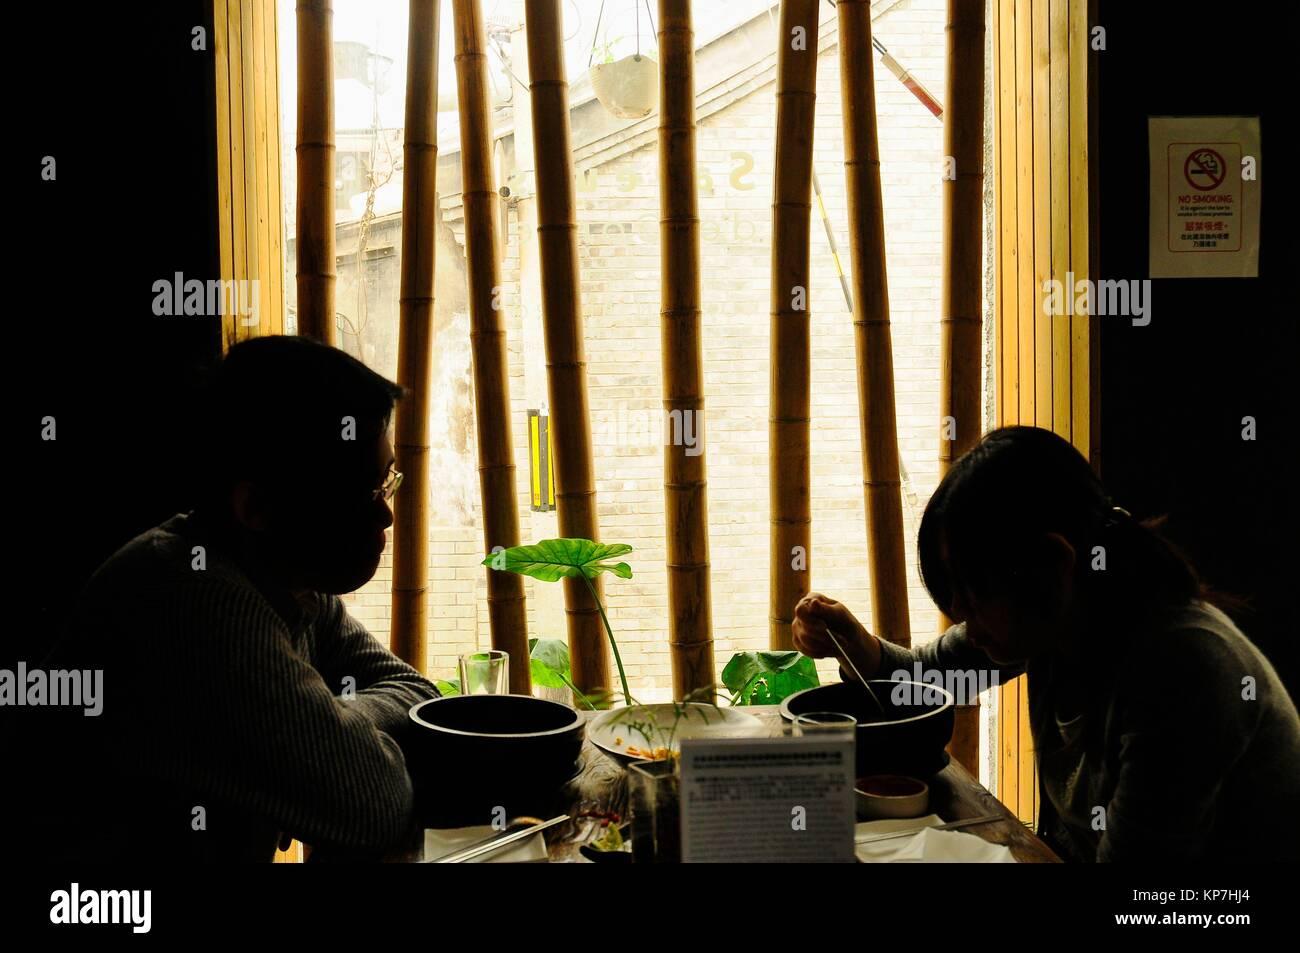 Vietnamese restaurant in Nan Lou Gu Xiang Hutong, Beijing, China, Asia. - Stock Image